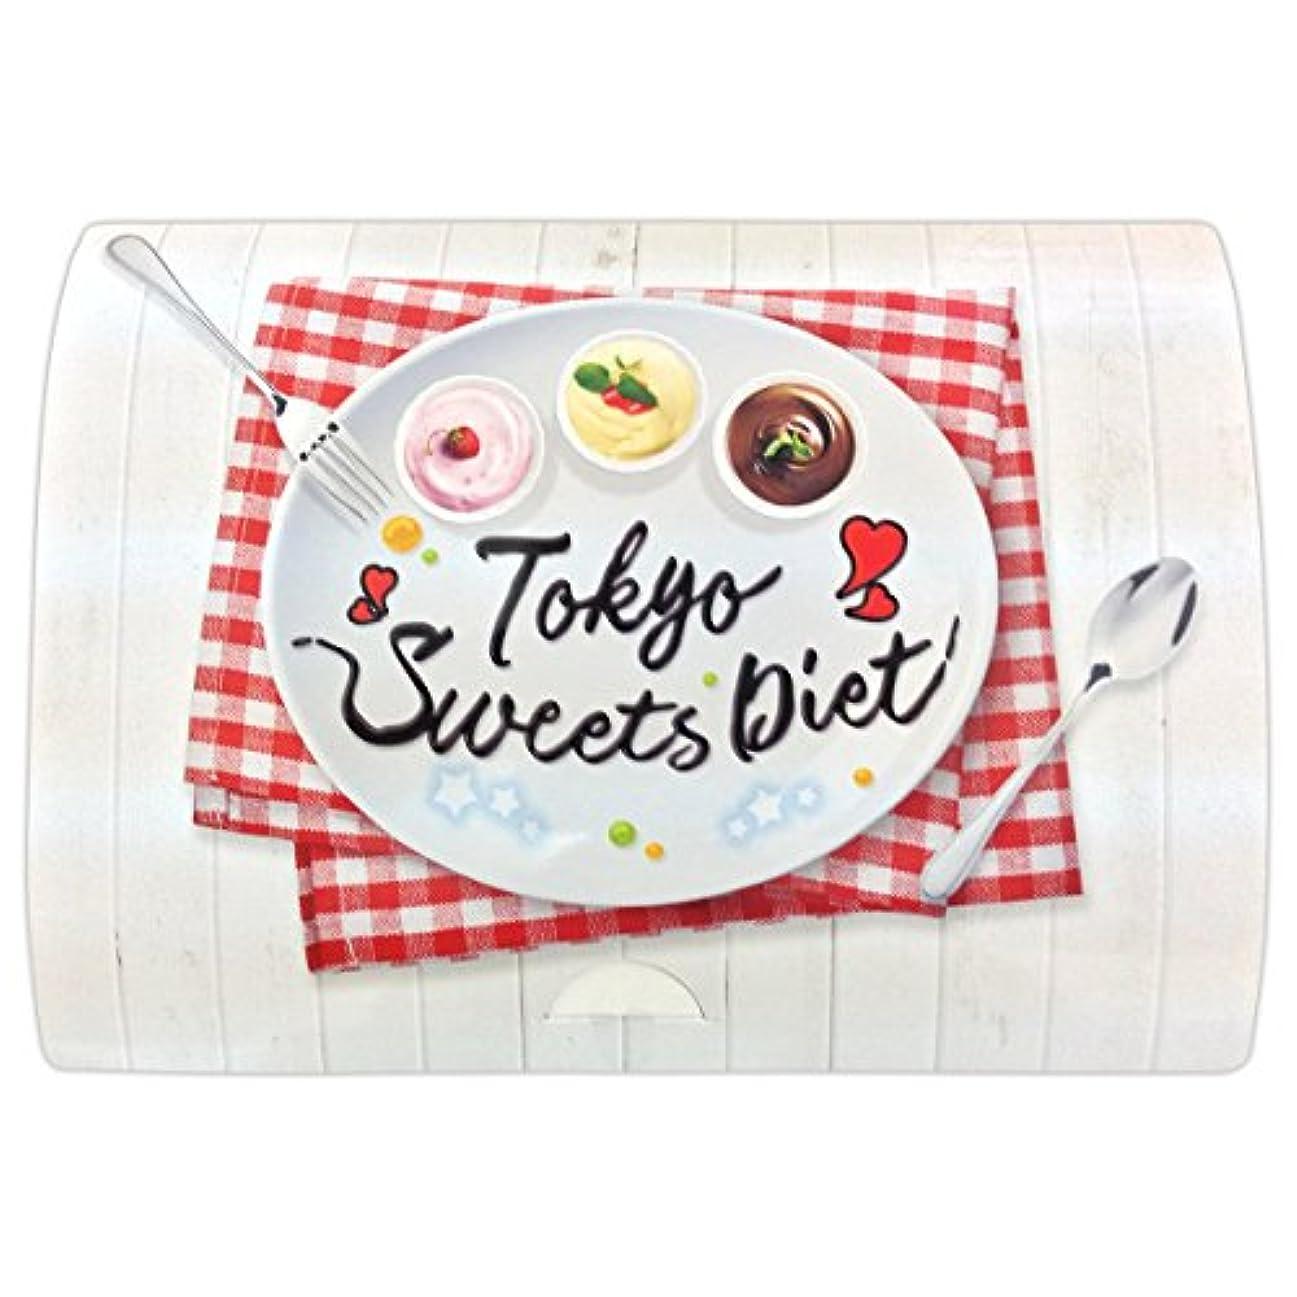 チャームレトルトハードウェアIDEA TOKYOスイーツダイエット 置き換えダイエットスイーツ 15食(1包:15g) ストロベリー味 チョコレート味 プリン味